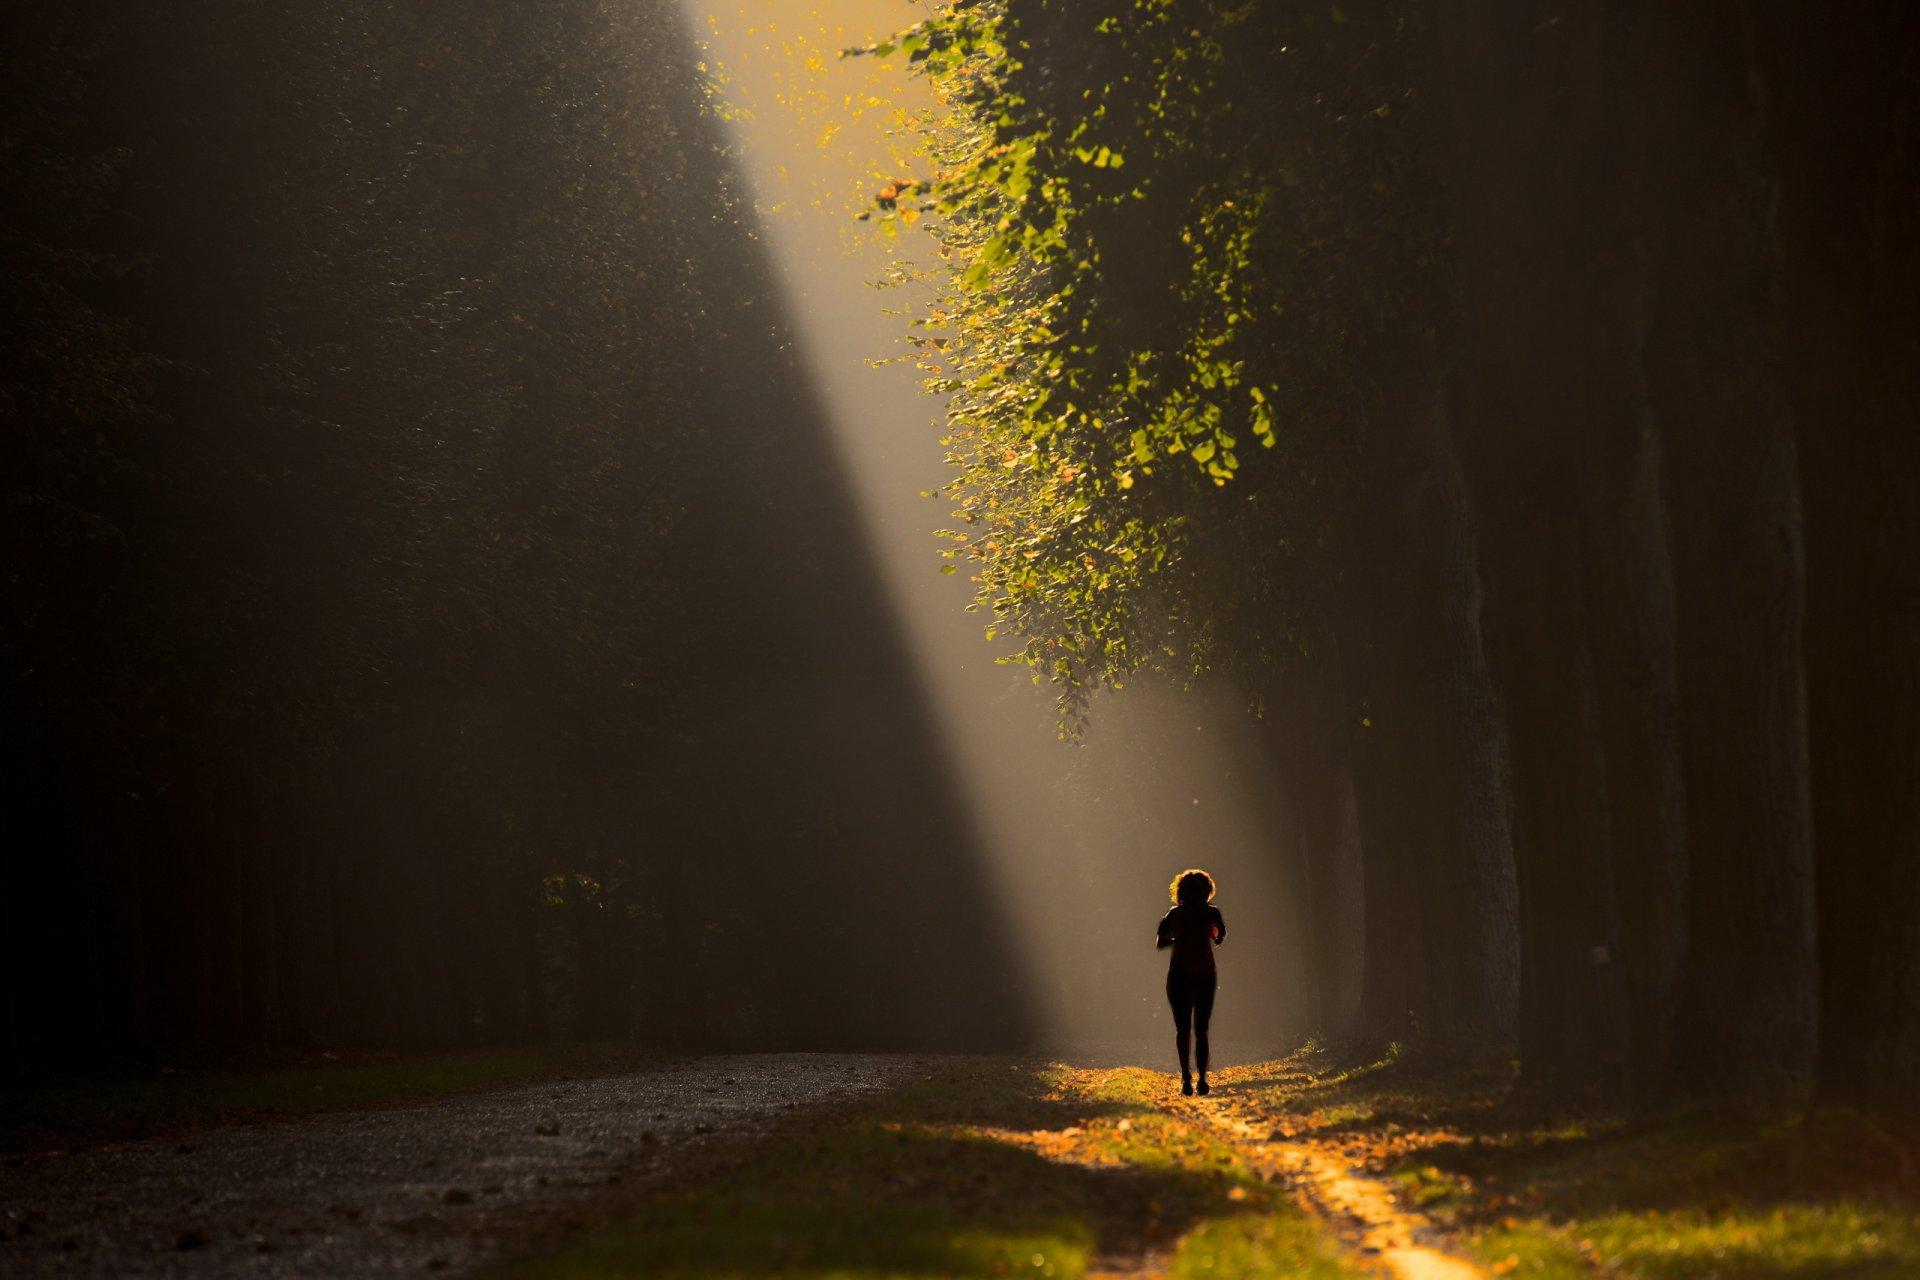 быть, картинка свет и тень жизни одном домовладений